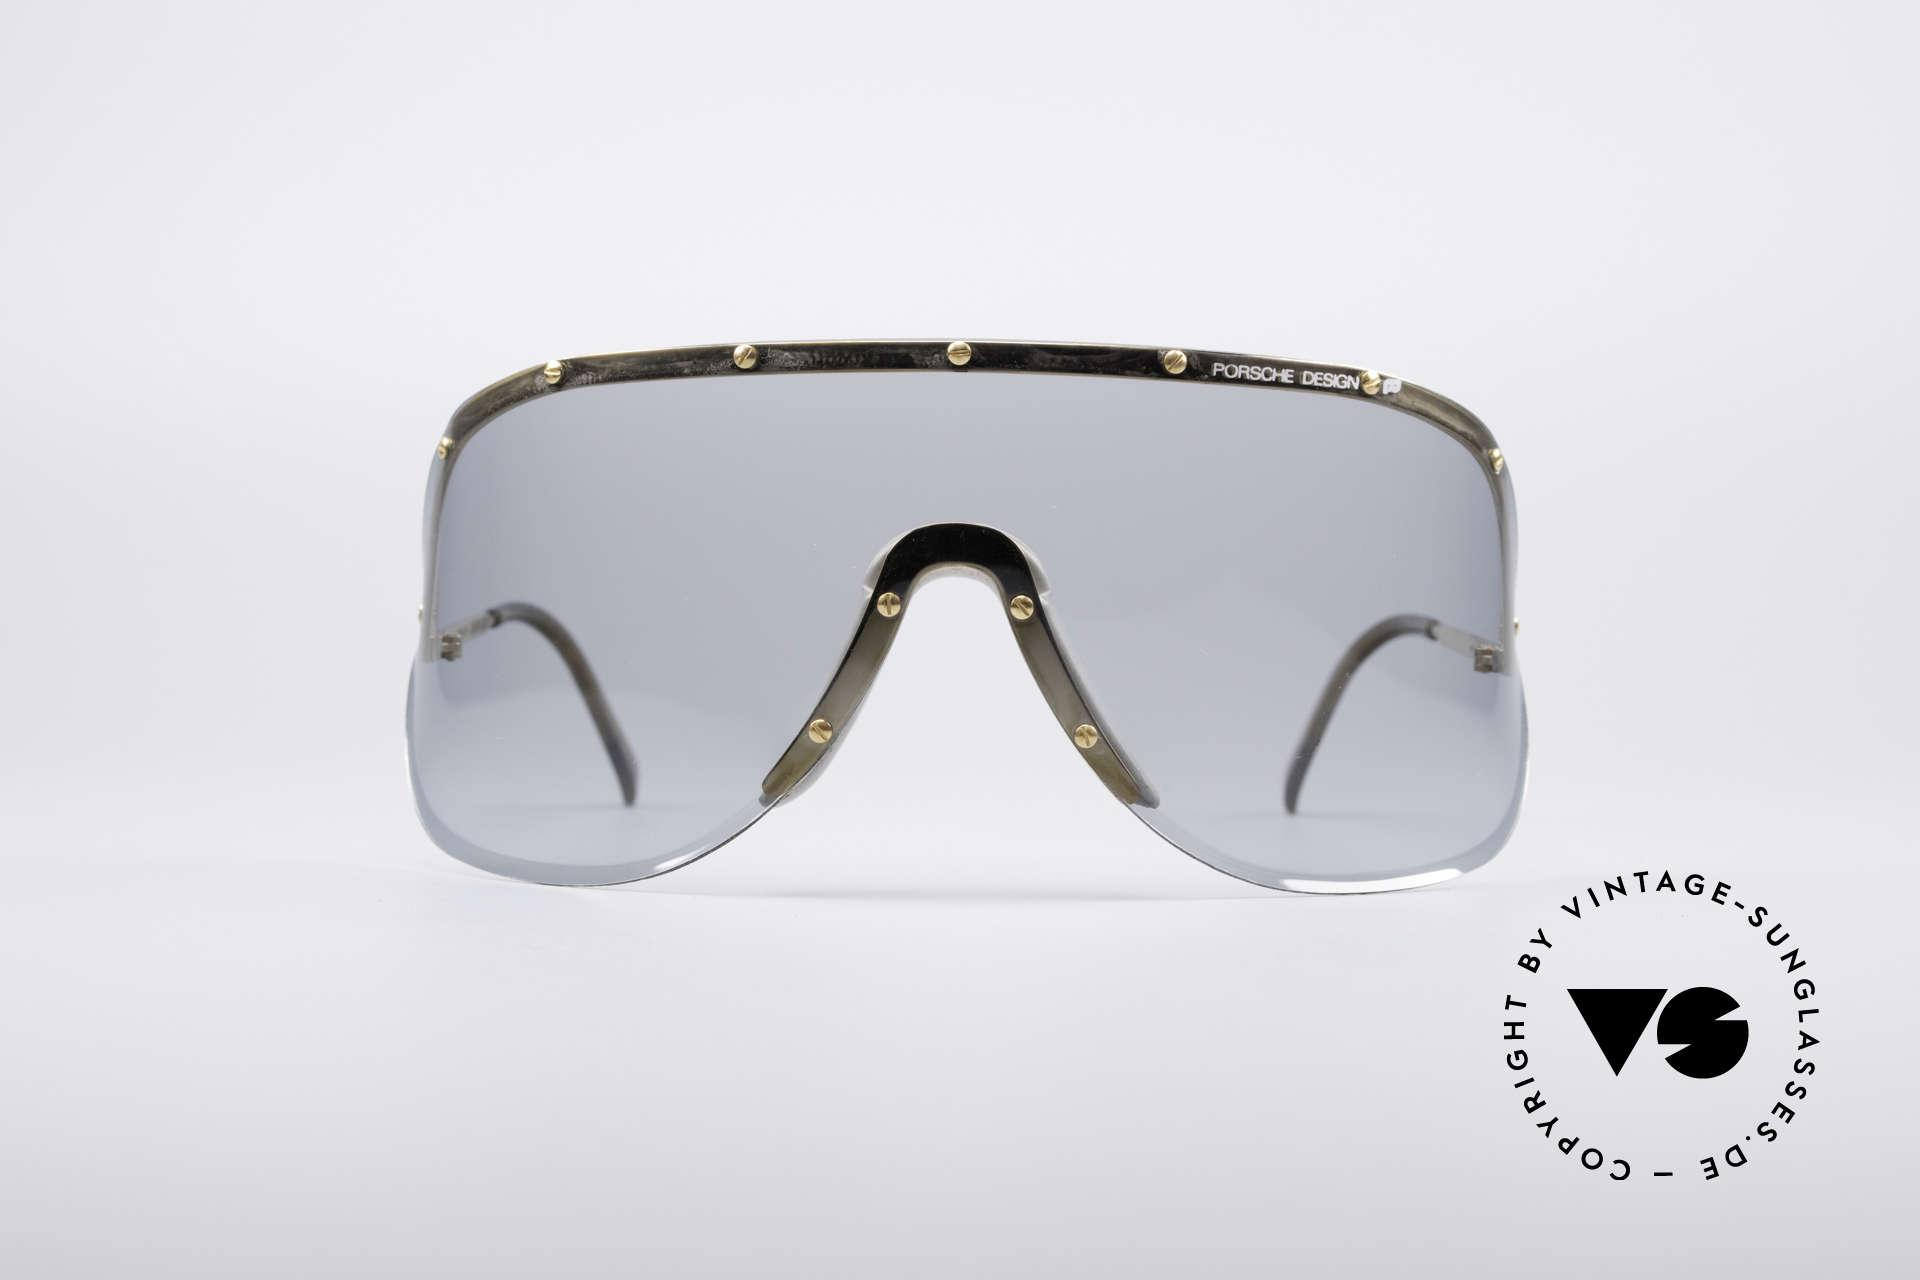 Porsche 5620 Yoko Ono Sonnenbrille Gold, Model 5620: riesige Scheibe für den besonderen Auftritt, Passend für Herren und Damen